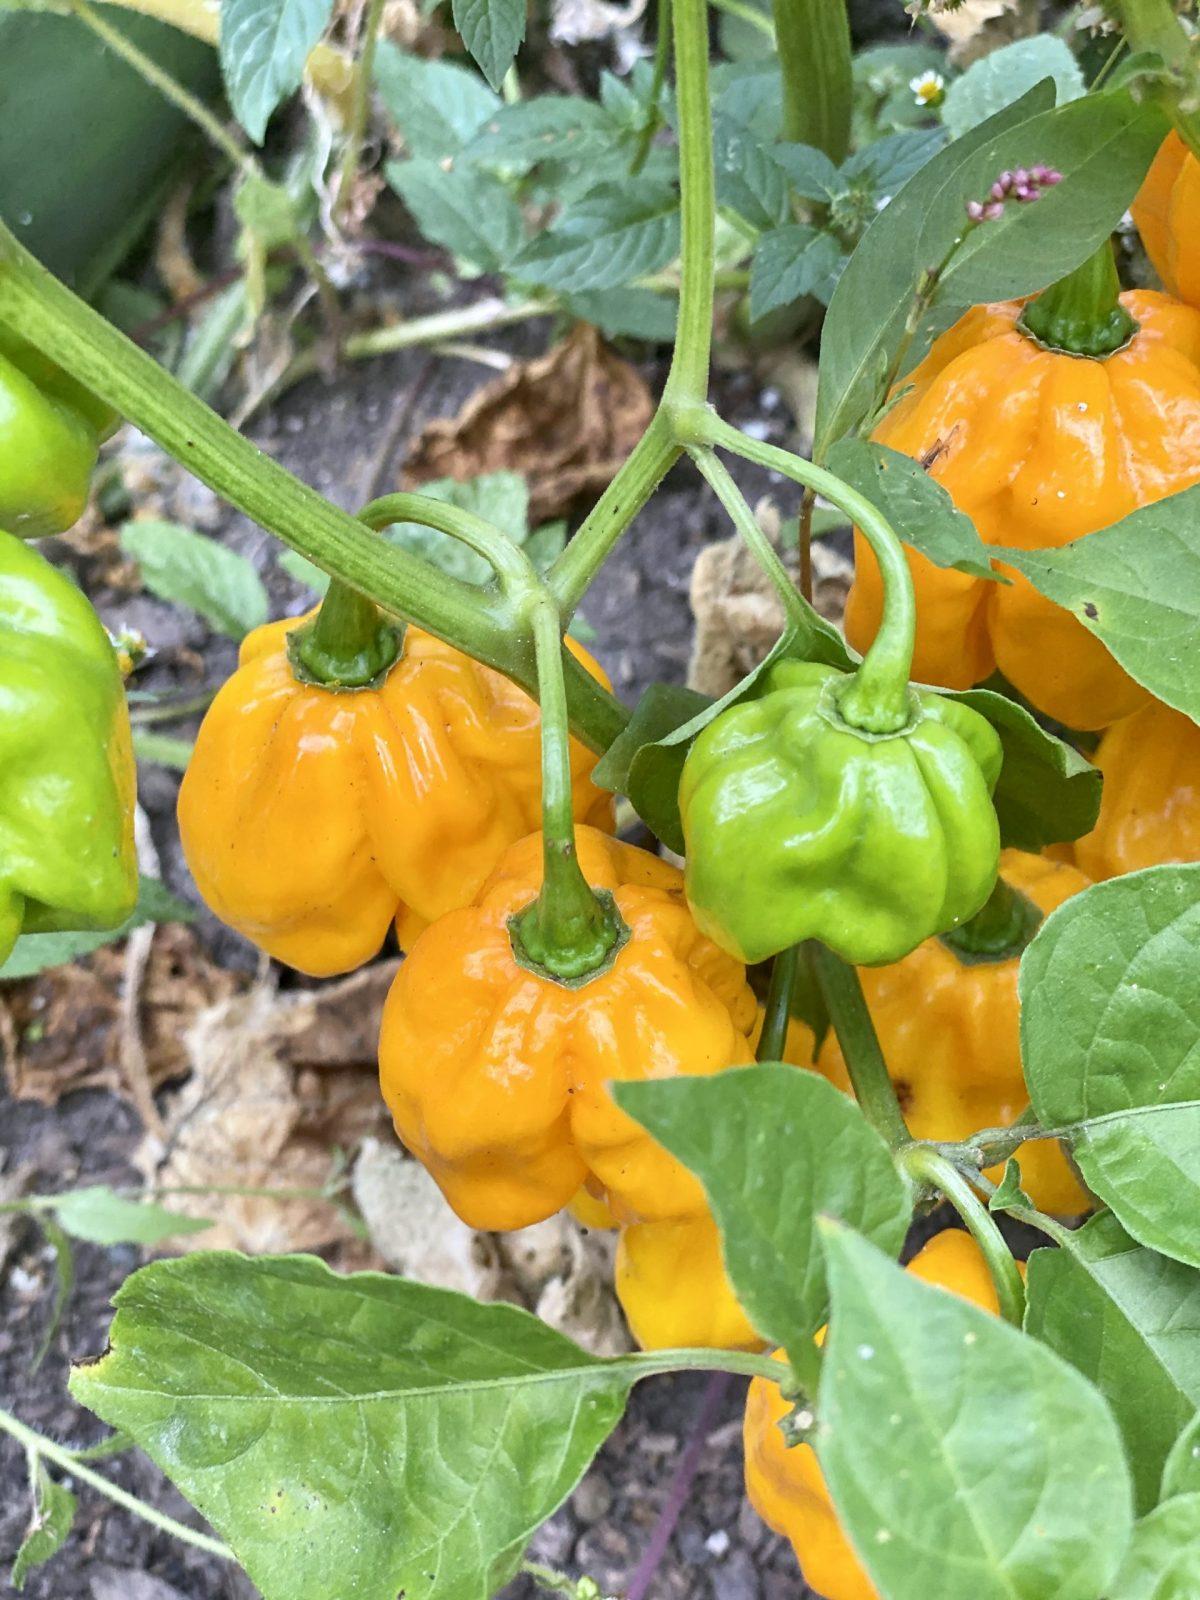 habanero peppers in the garden